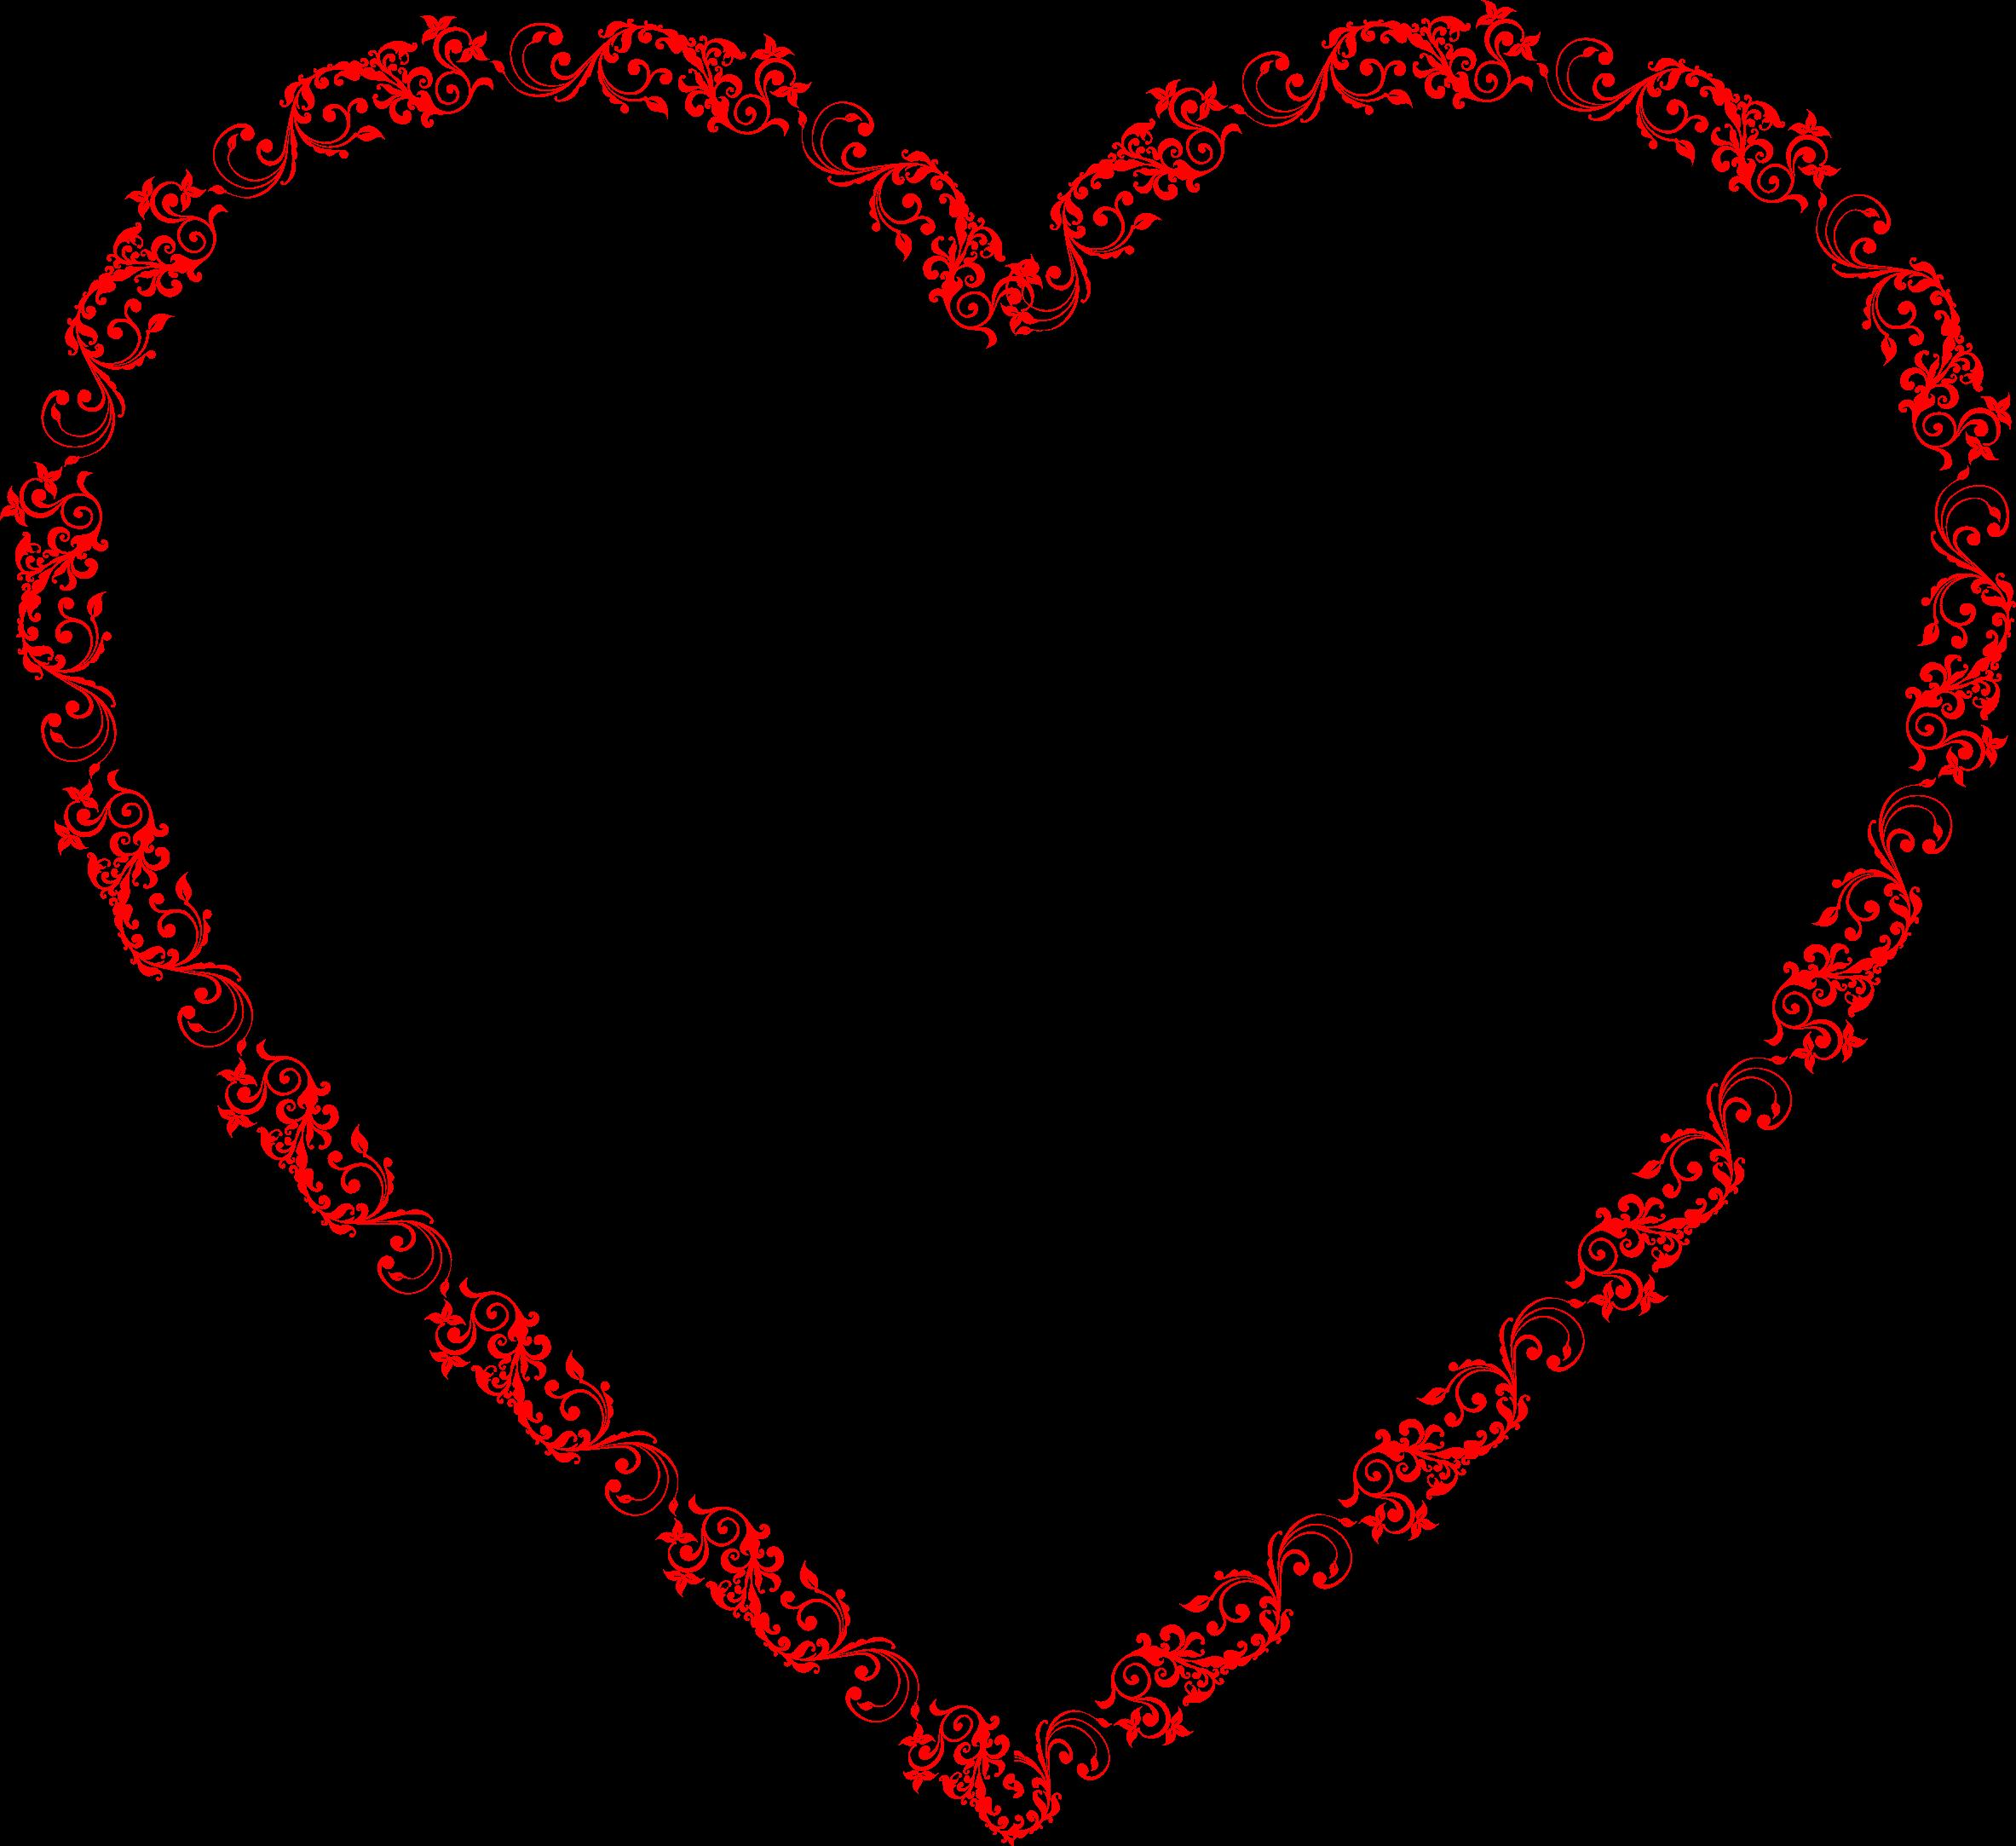 Big image png. Flourish clipart heart